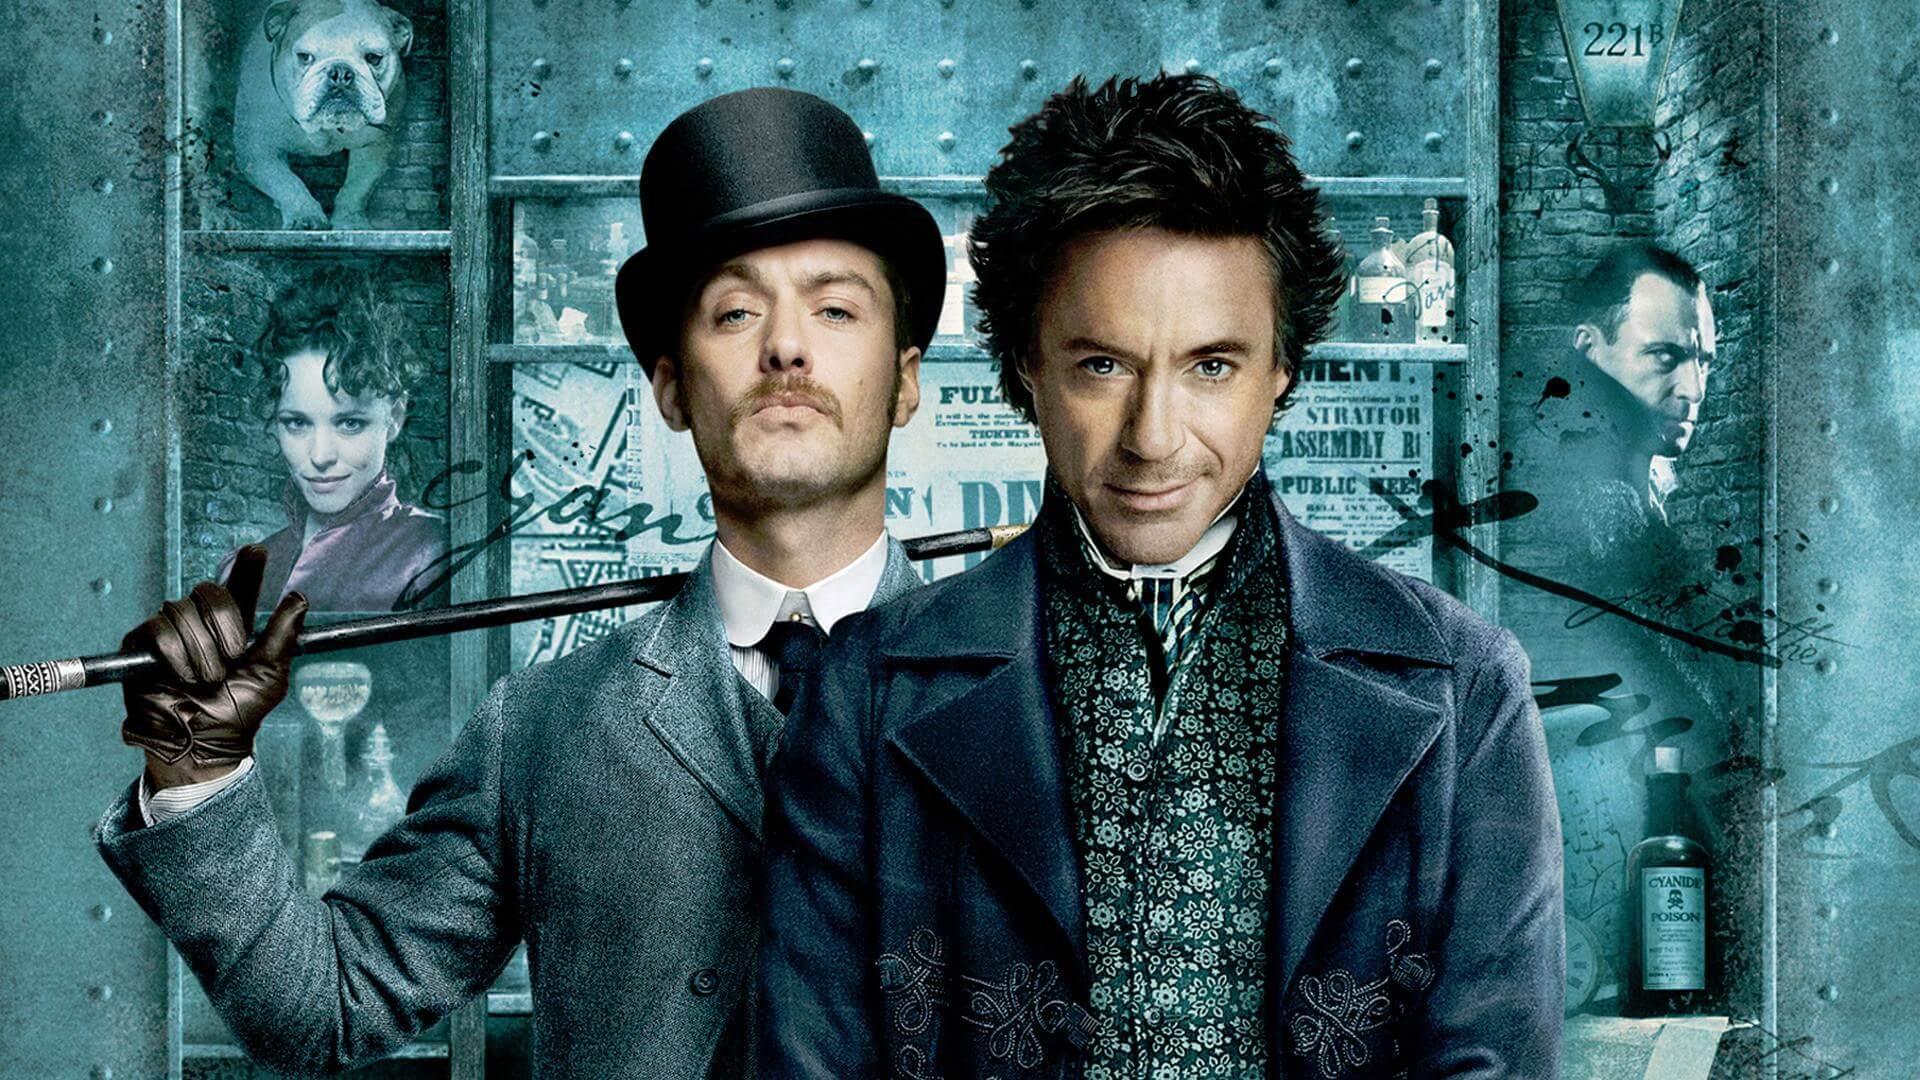 önde paltolu dağınıl saçlı bir adam, arkada şapkalı ve elinde baston bulunan bıyıklı gri paltolu bir adam.